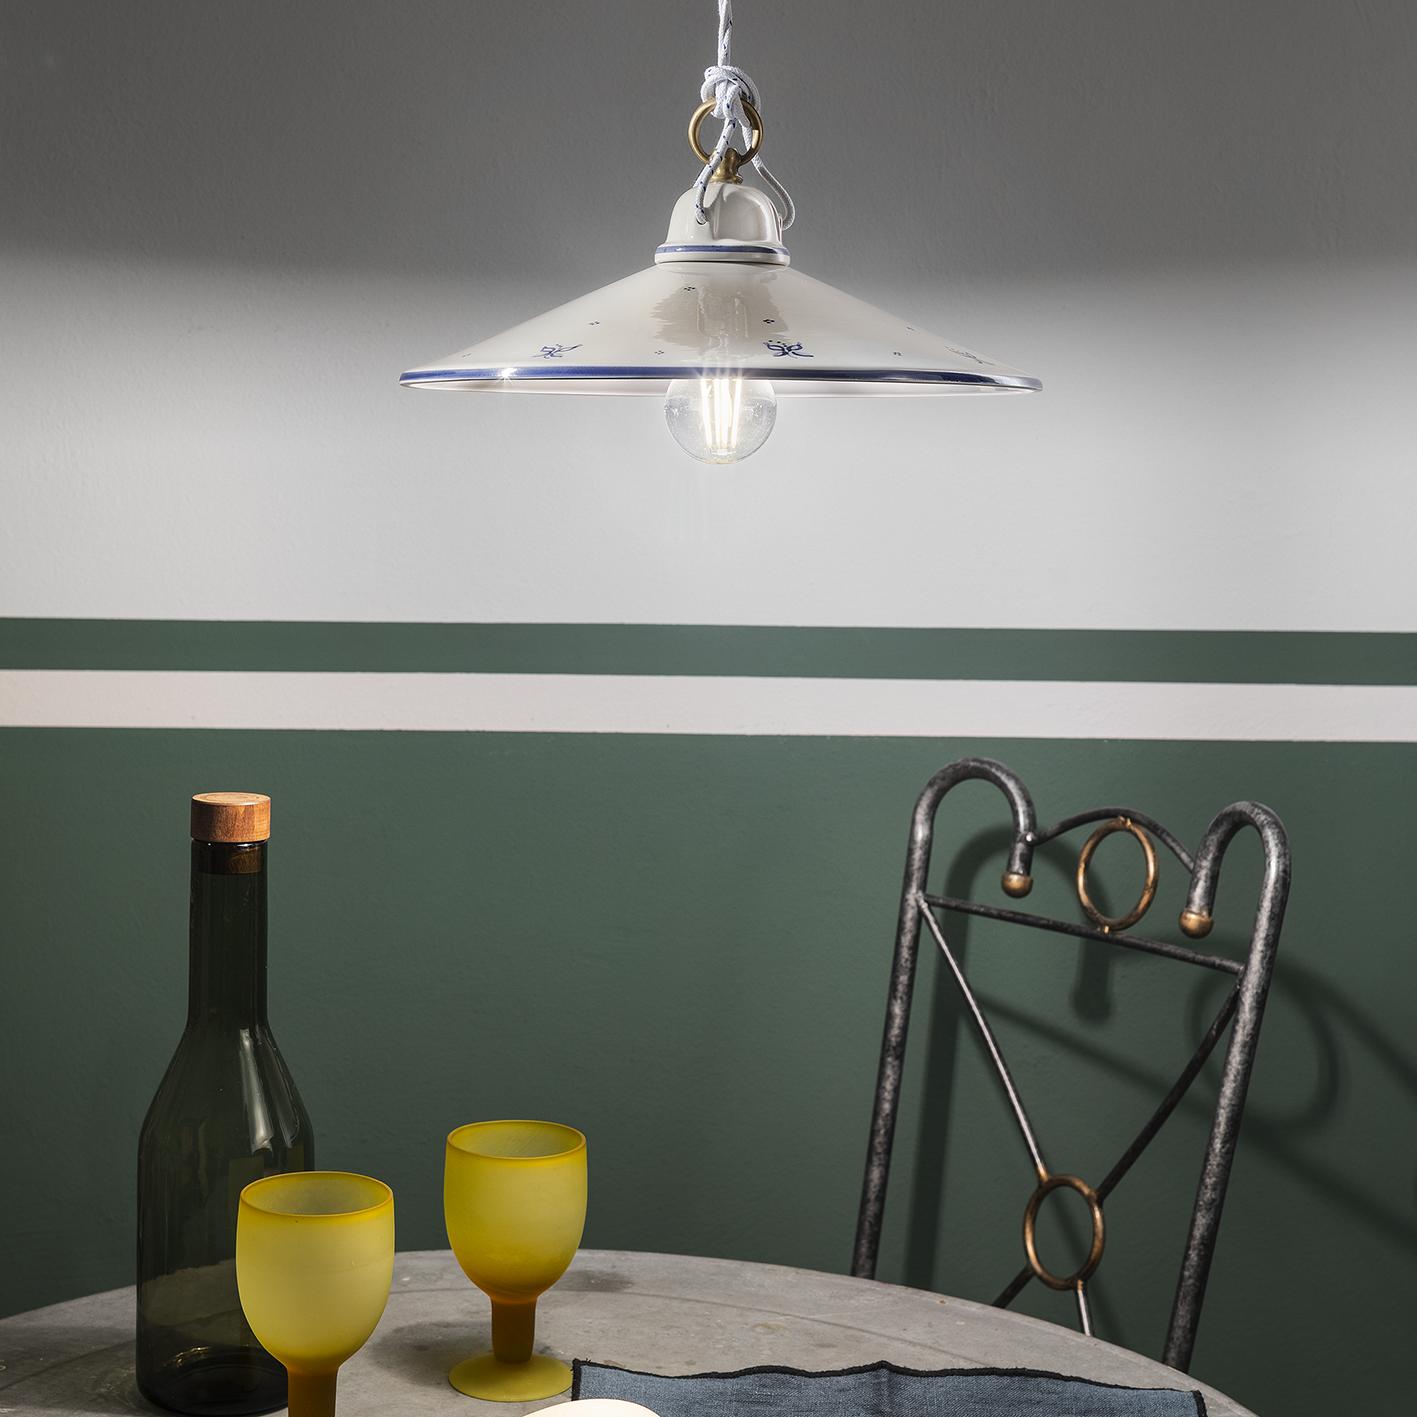 c054 nel 2020 Decorazioni, Lampade, Illuminazione